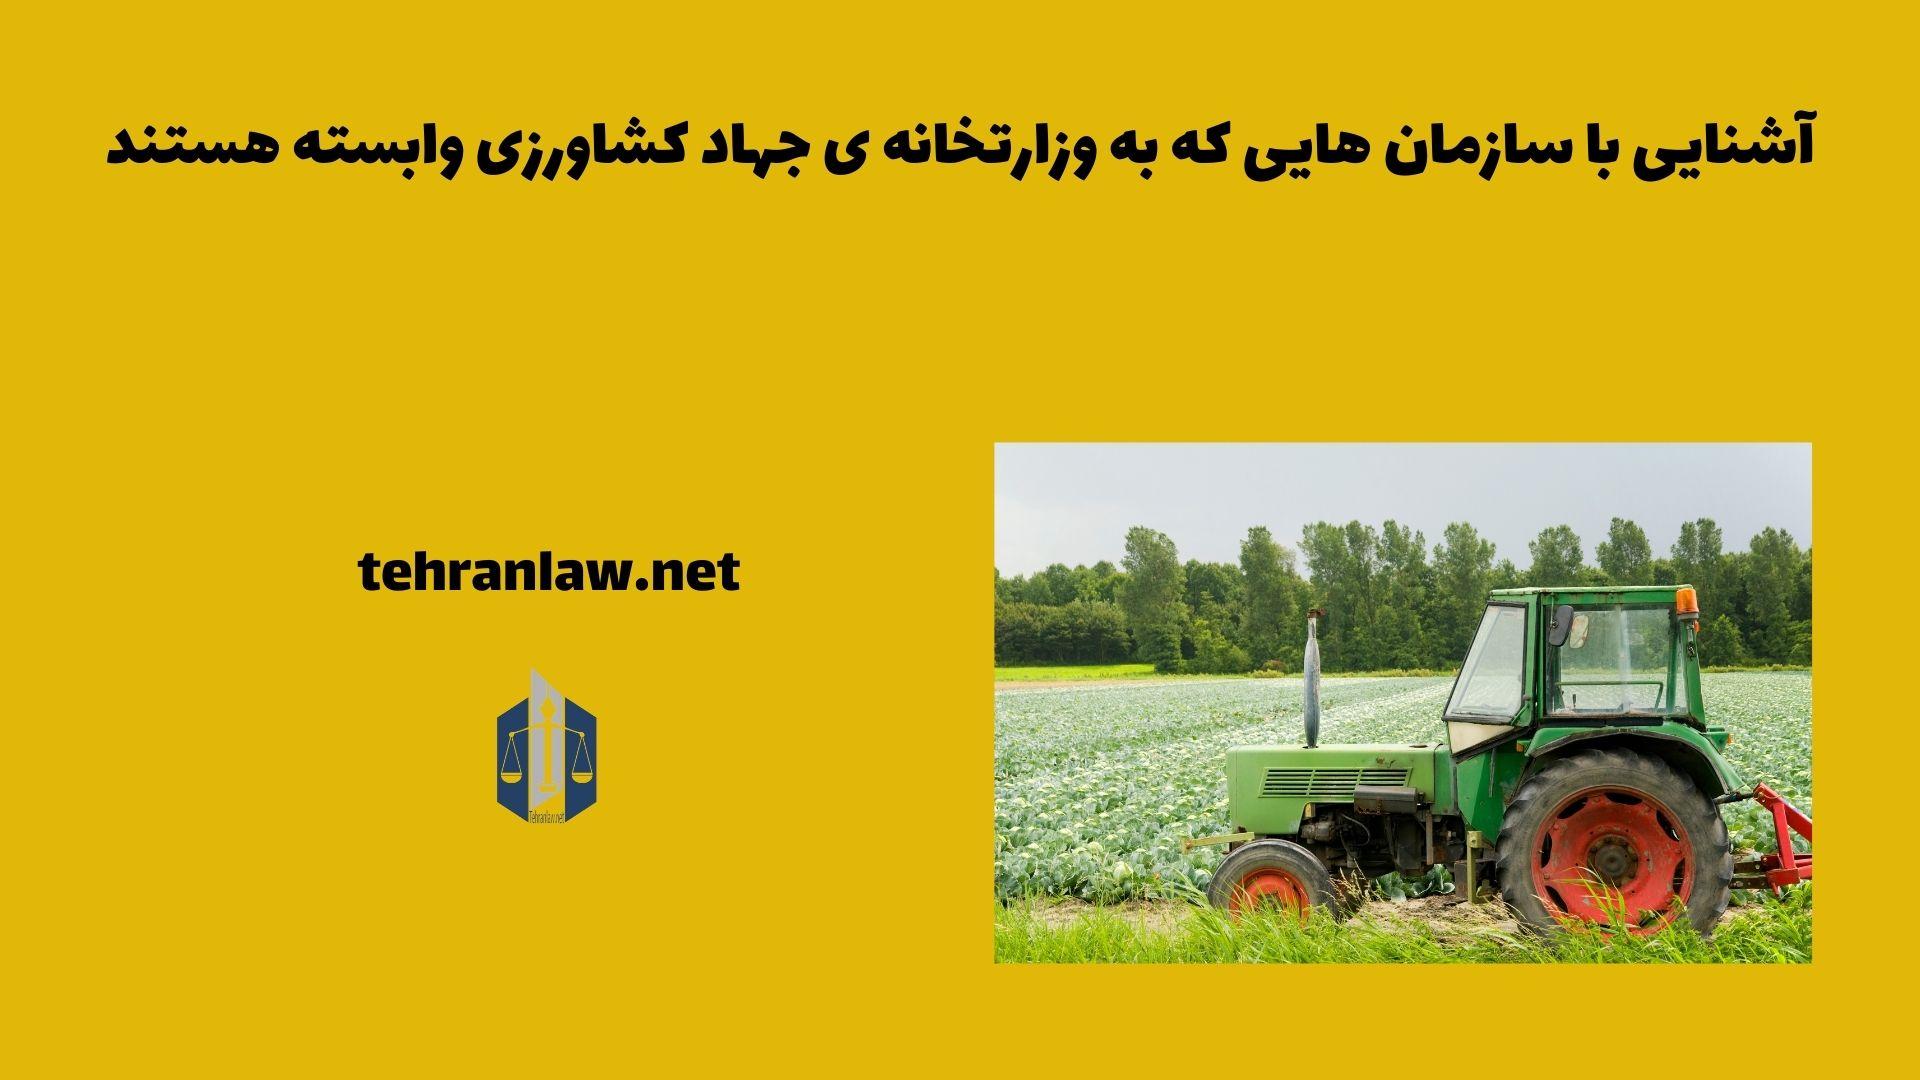 آشنایی با سازمان هایی که به وزارتخانه ی جهاد کشاورزی وابسته هستند